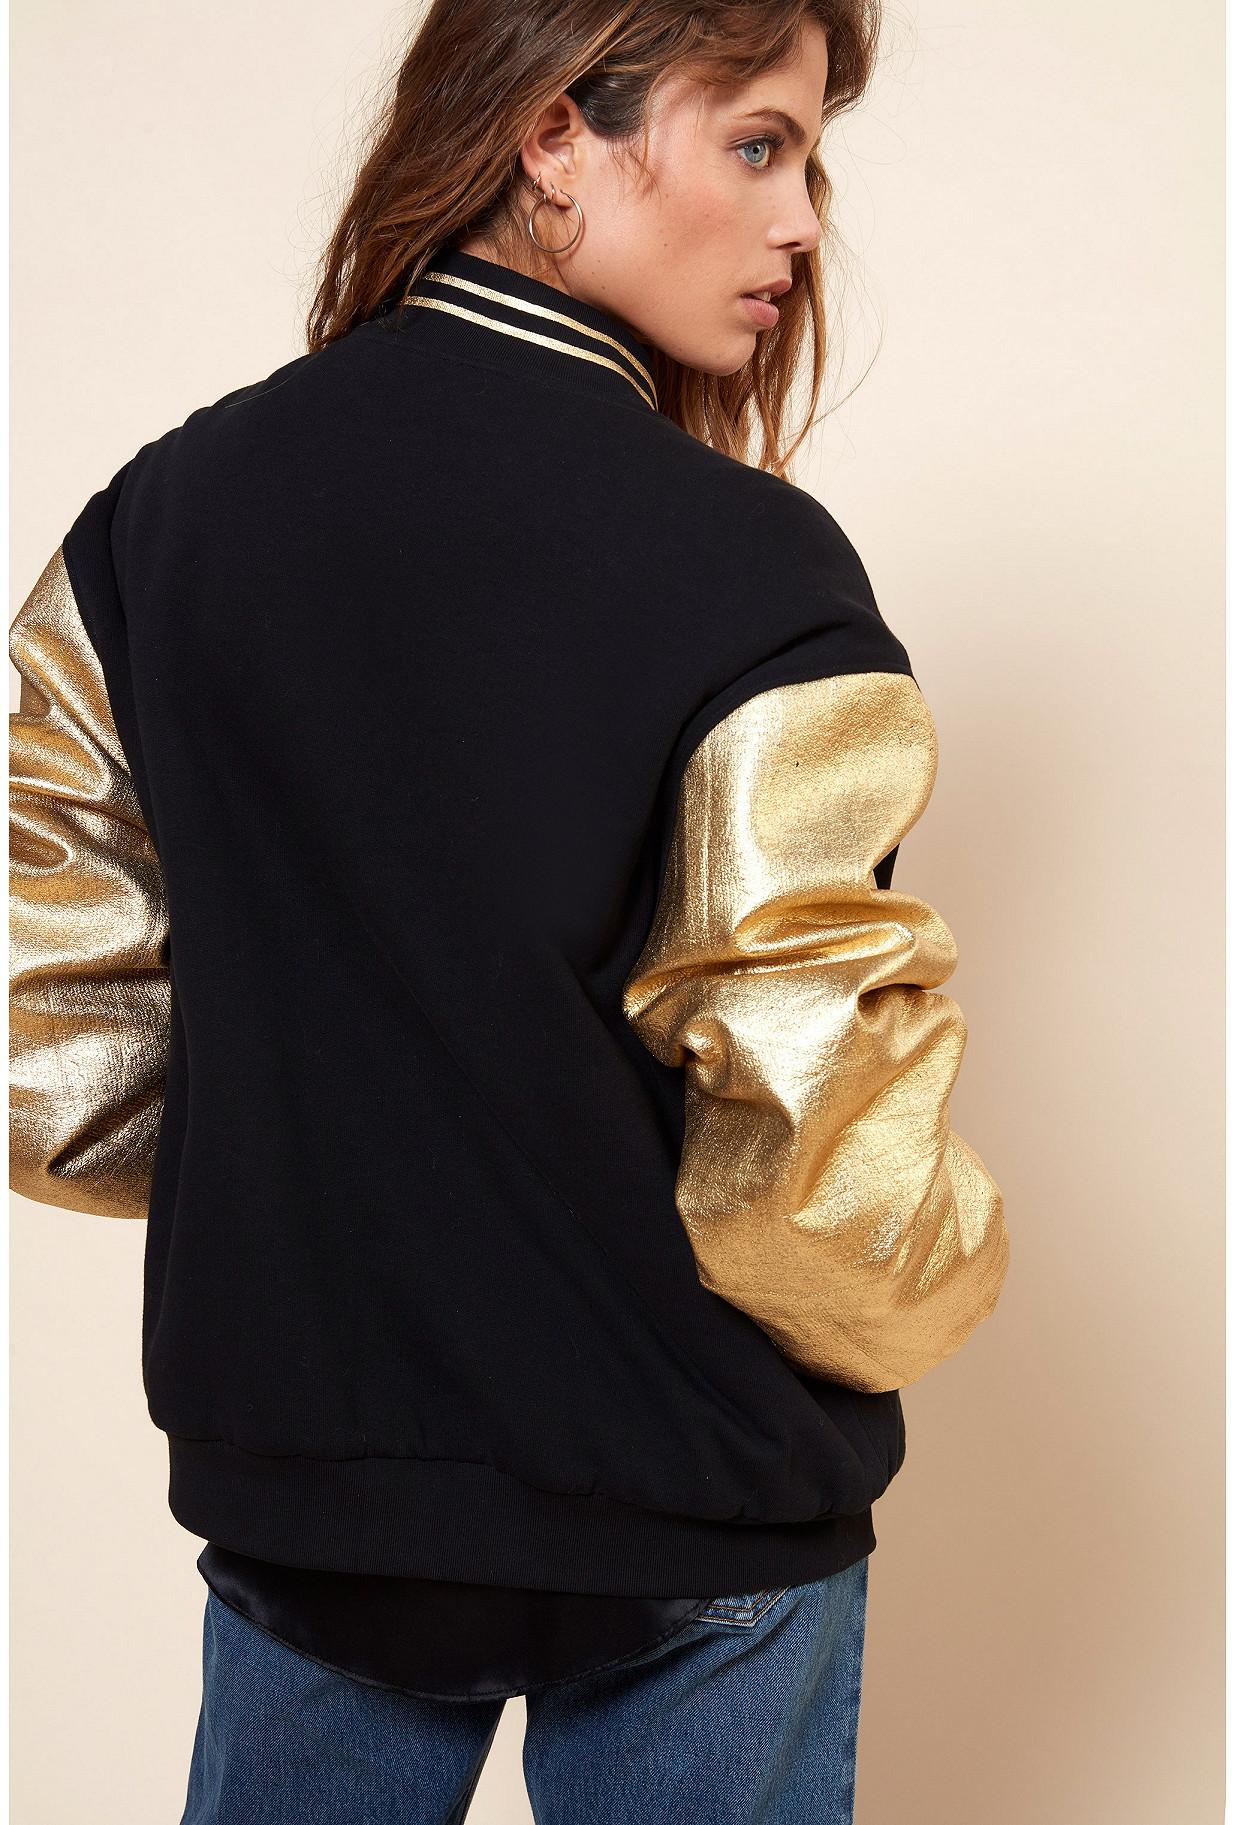 Black  JACKET  Ted-x Mes demoiselles fashion clothes designer Paris